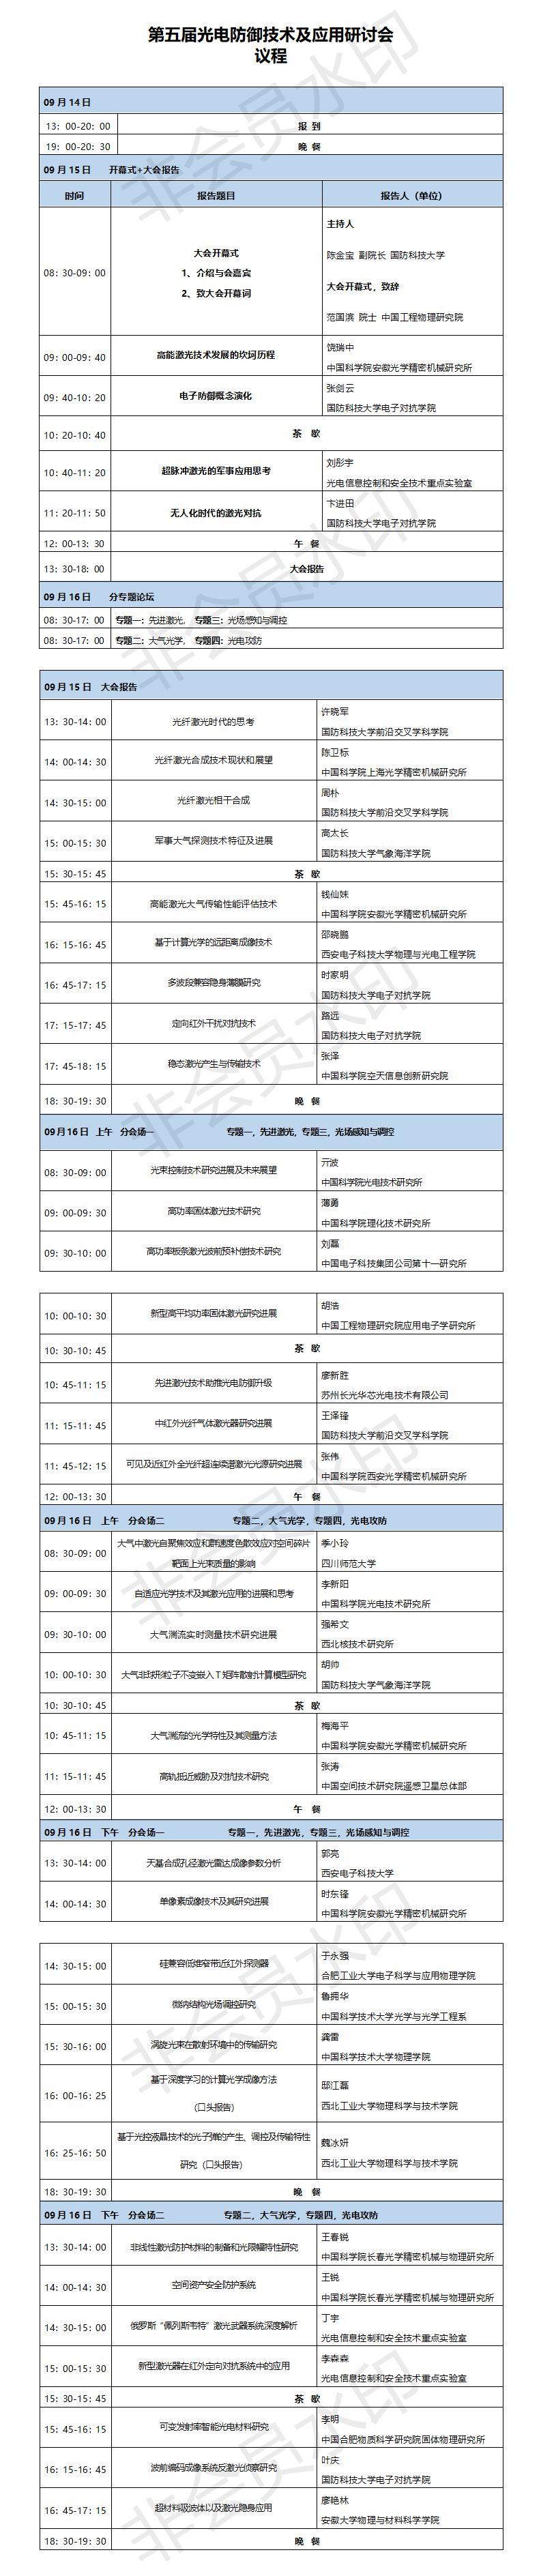 【议程】第五届光电防御技术及应用研讨会(0907)